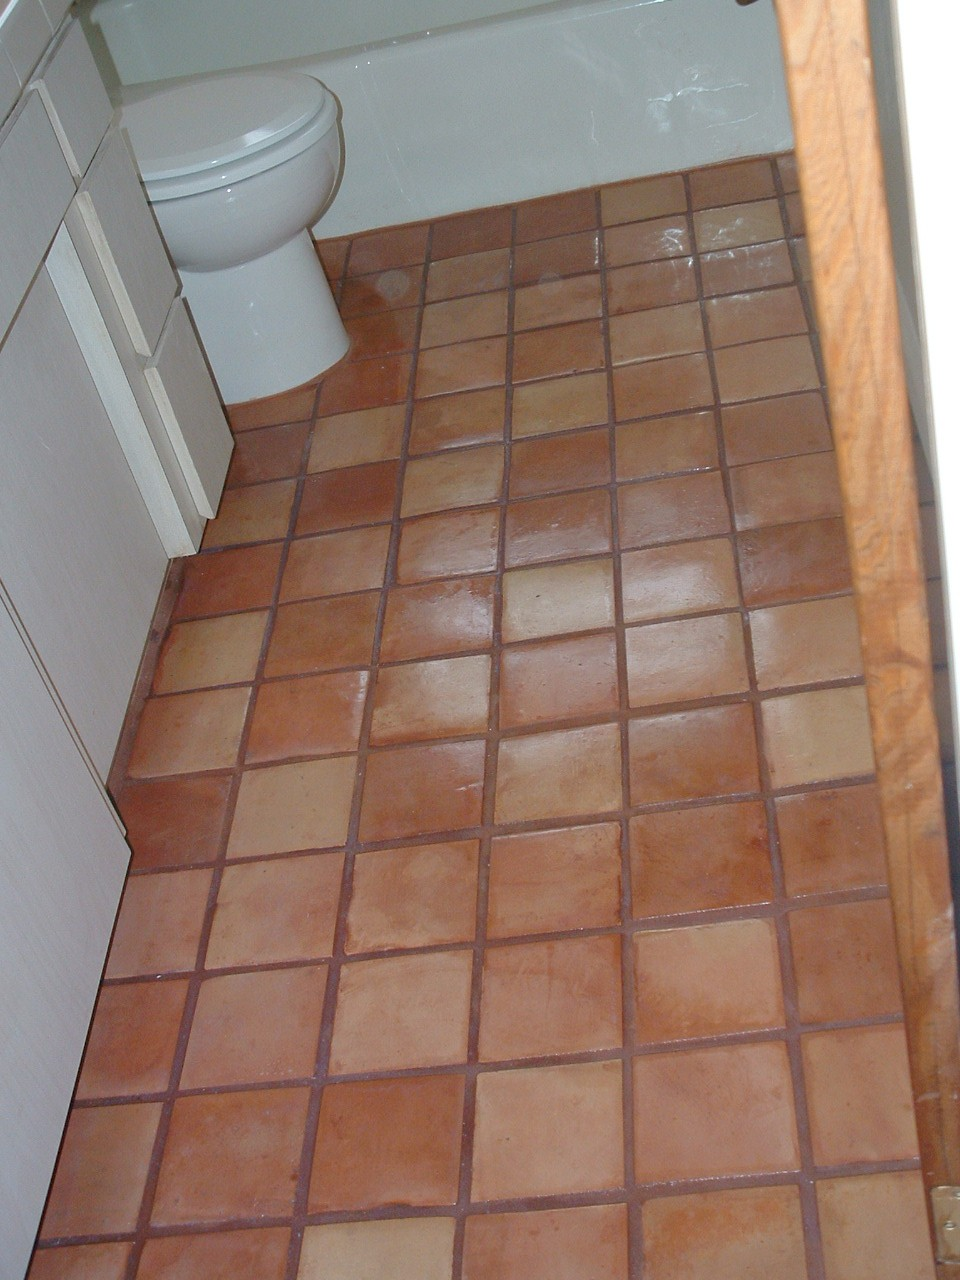 20 Pak Clay Flooring Tiles in Pakistan Bathroom Floor Tiles Designs in Karachi Images.